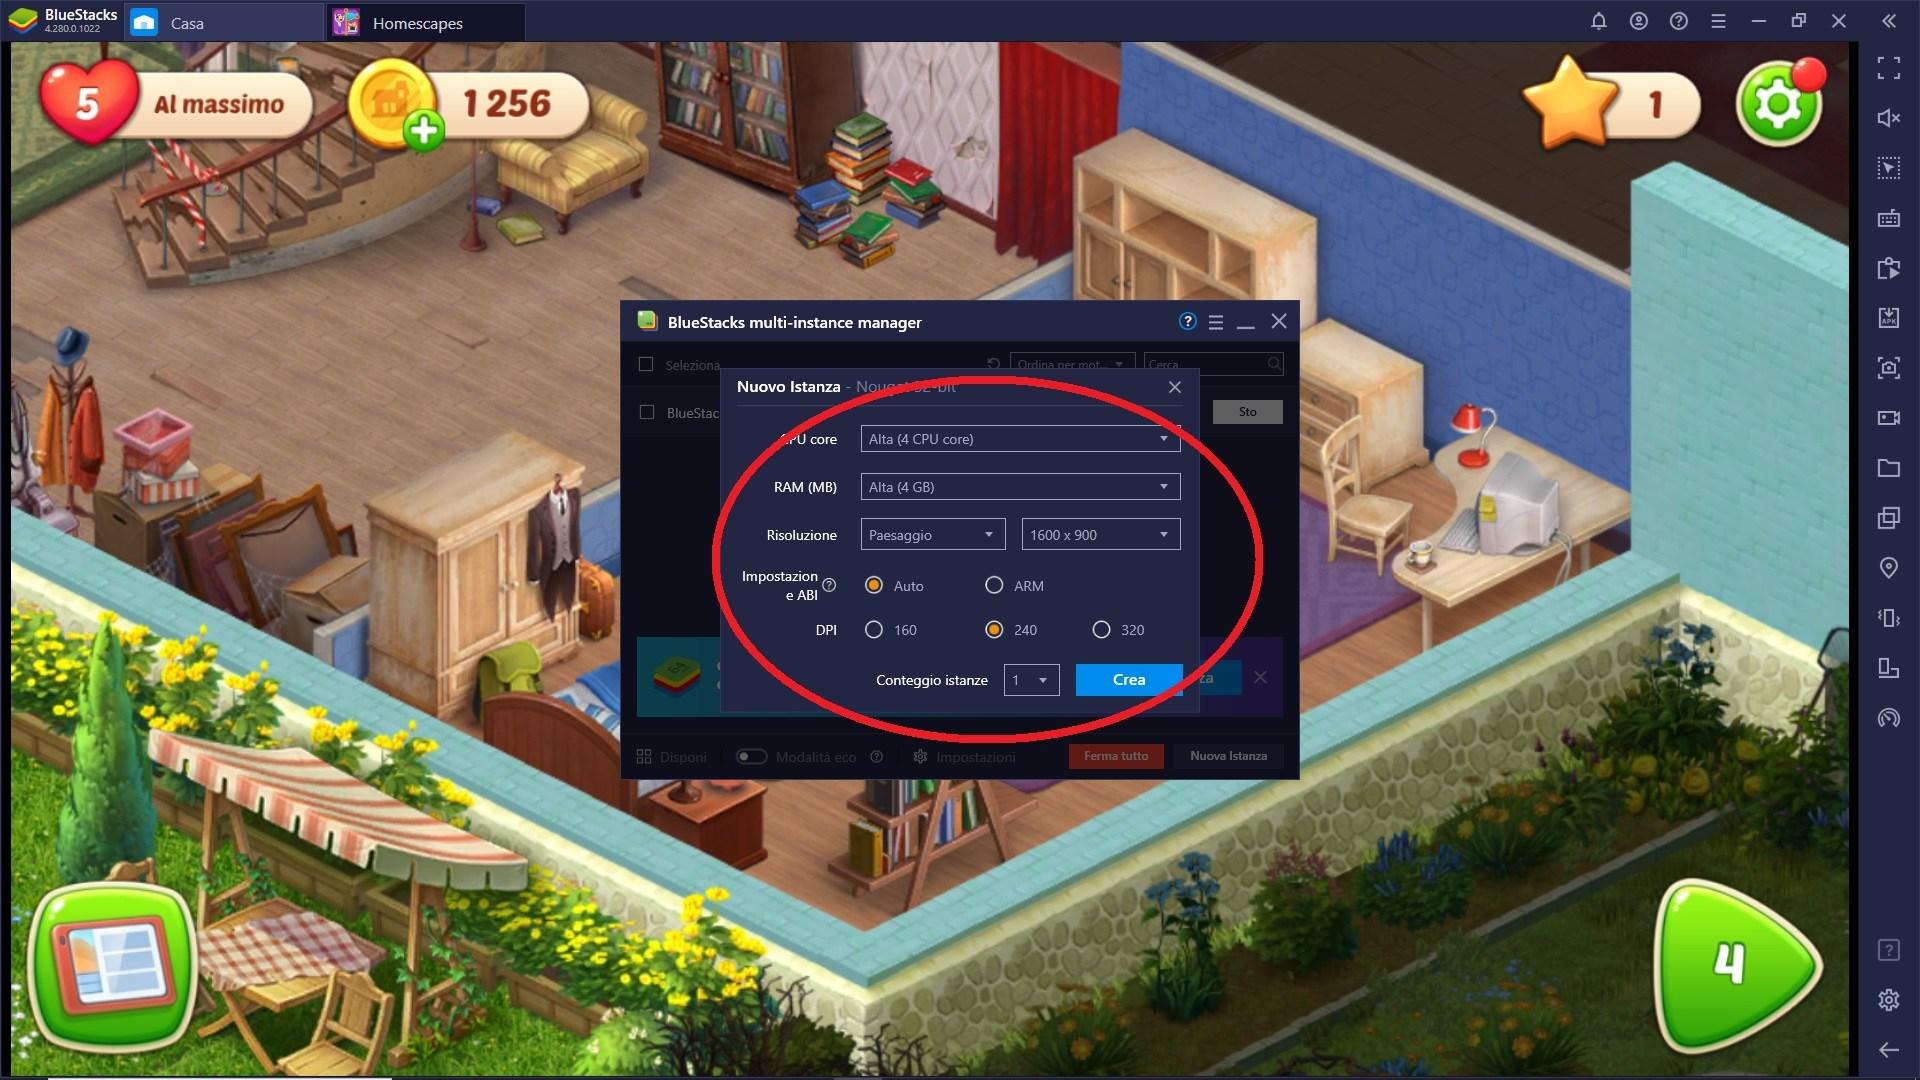 Sfrutta gli strumenti di BlueStacks per giocare al meglio Homescapes